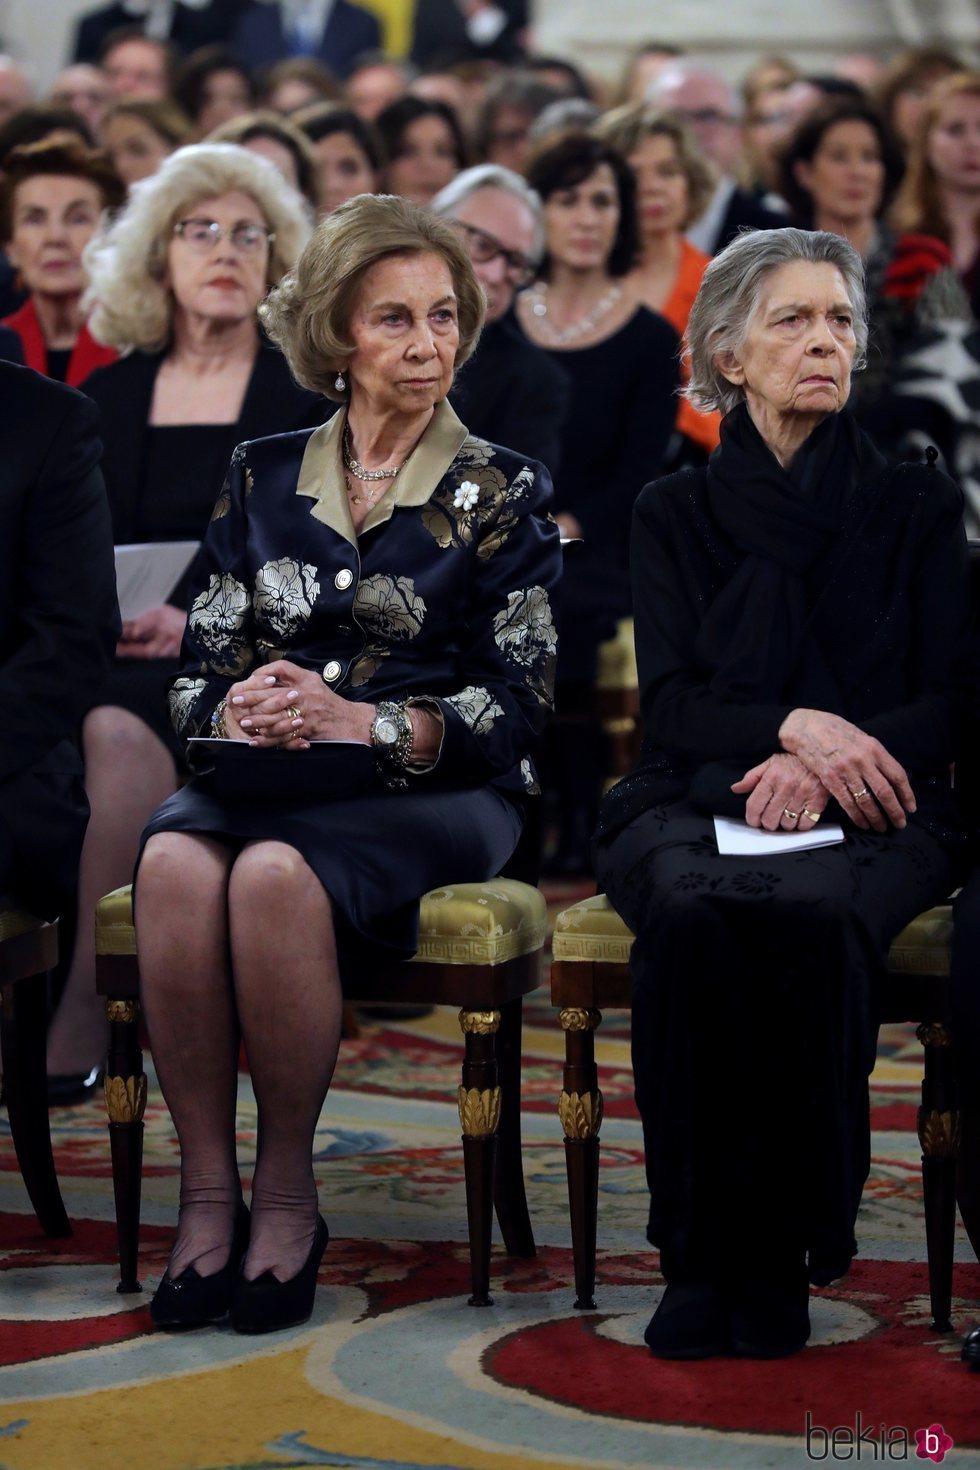 La Reina Sofía en un concierto en homenaje a las víctimas del Holocausto